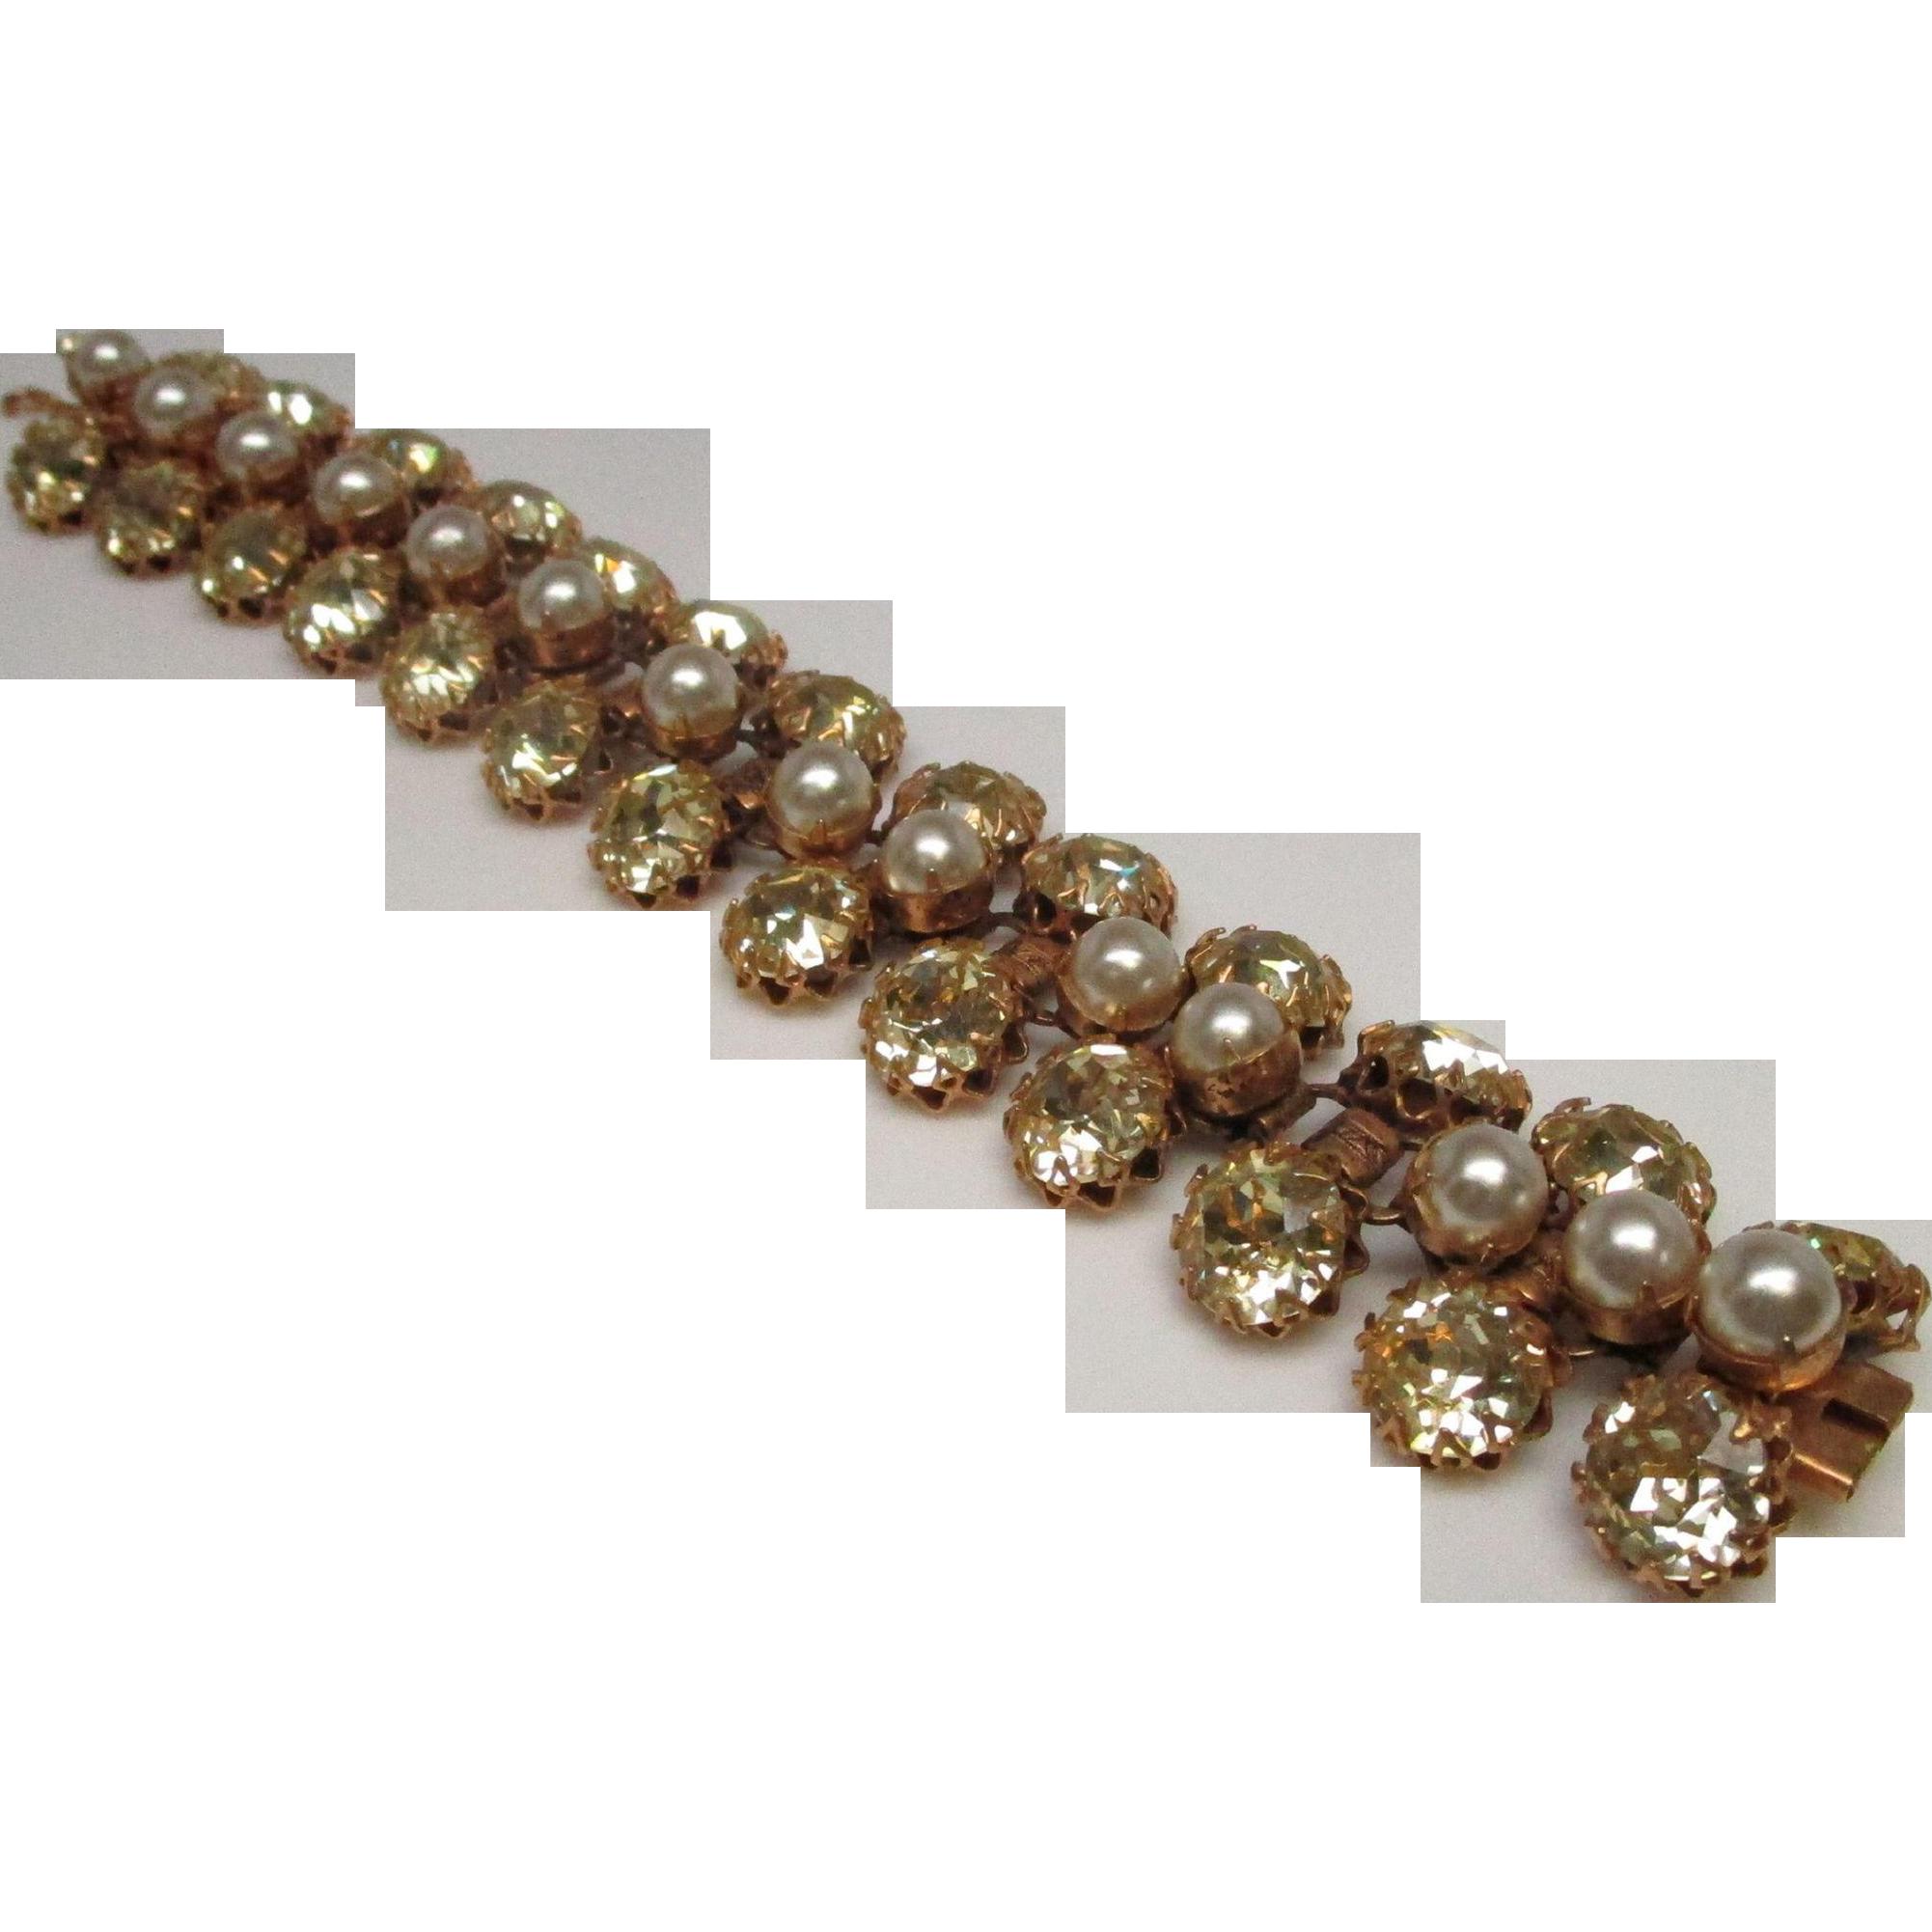 Schreiner Deco Rhinestone Pearl Costume Bracelet